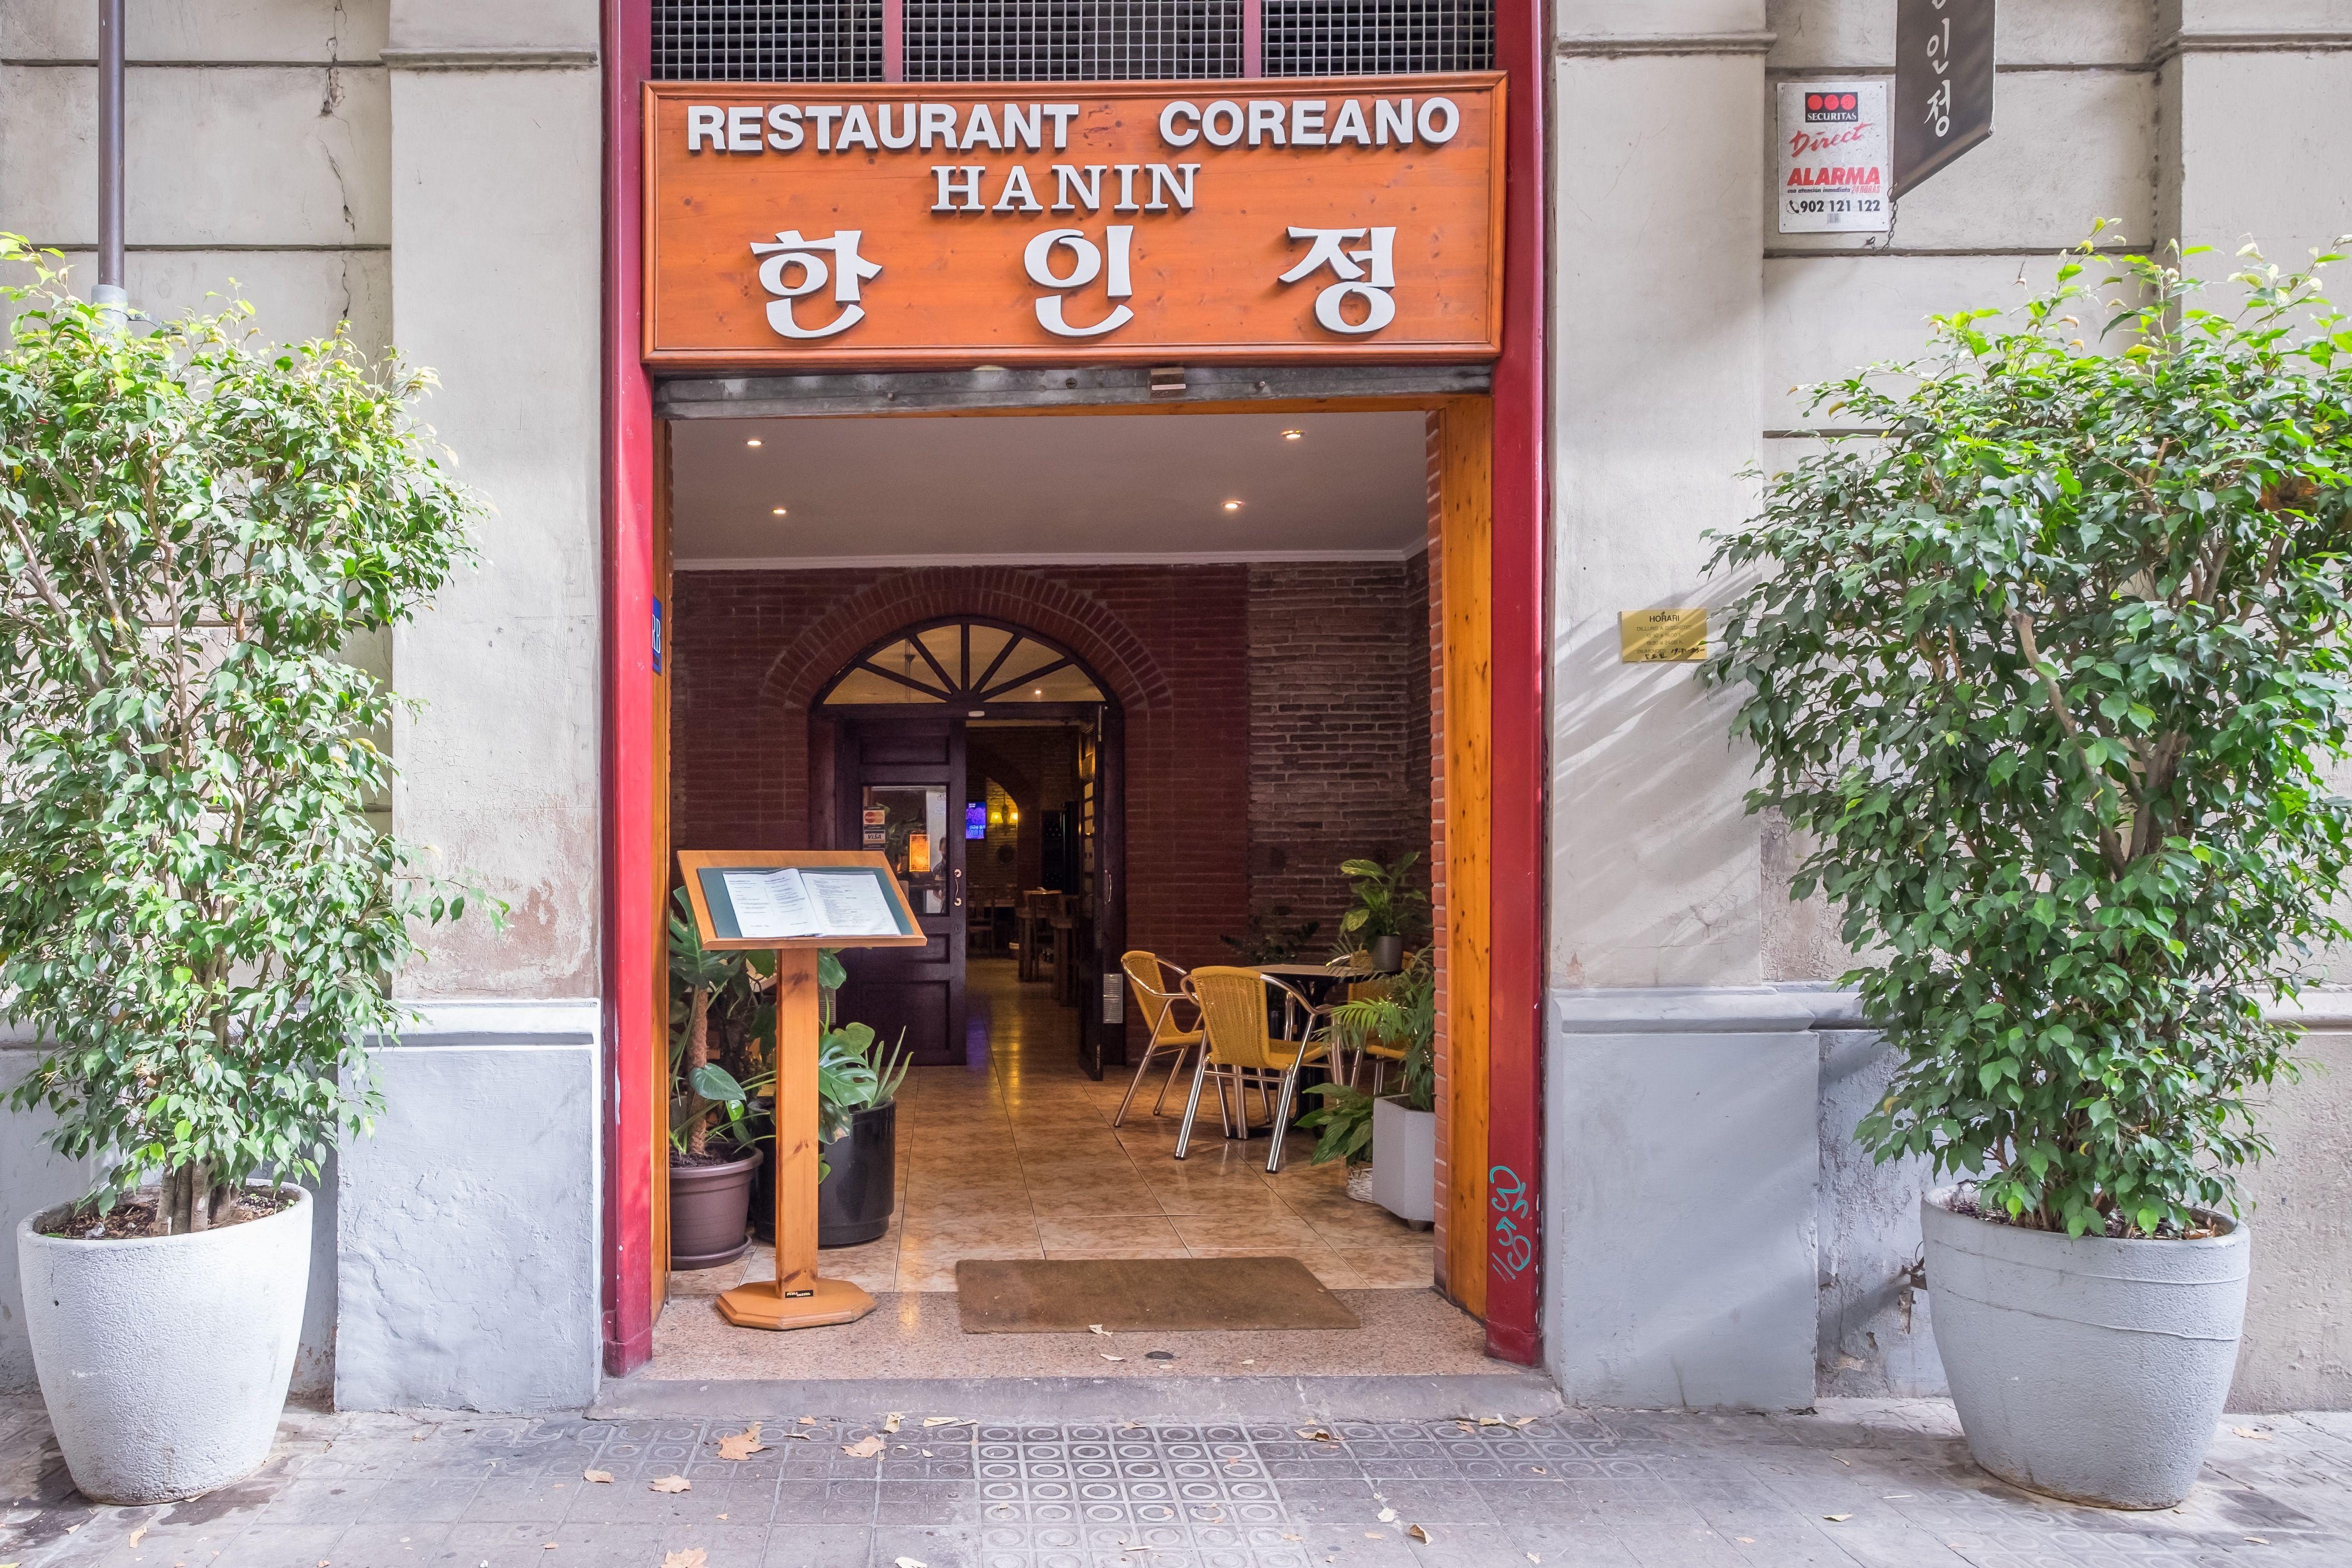 Foto 5 de Restaurante coreano en Barcelona   Restaurante Haninjung